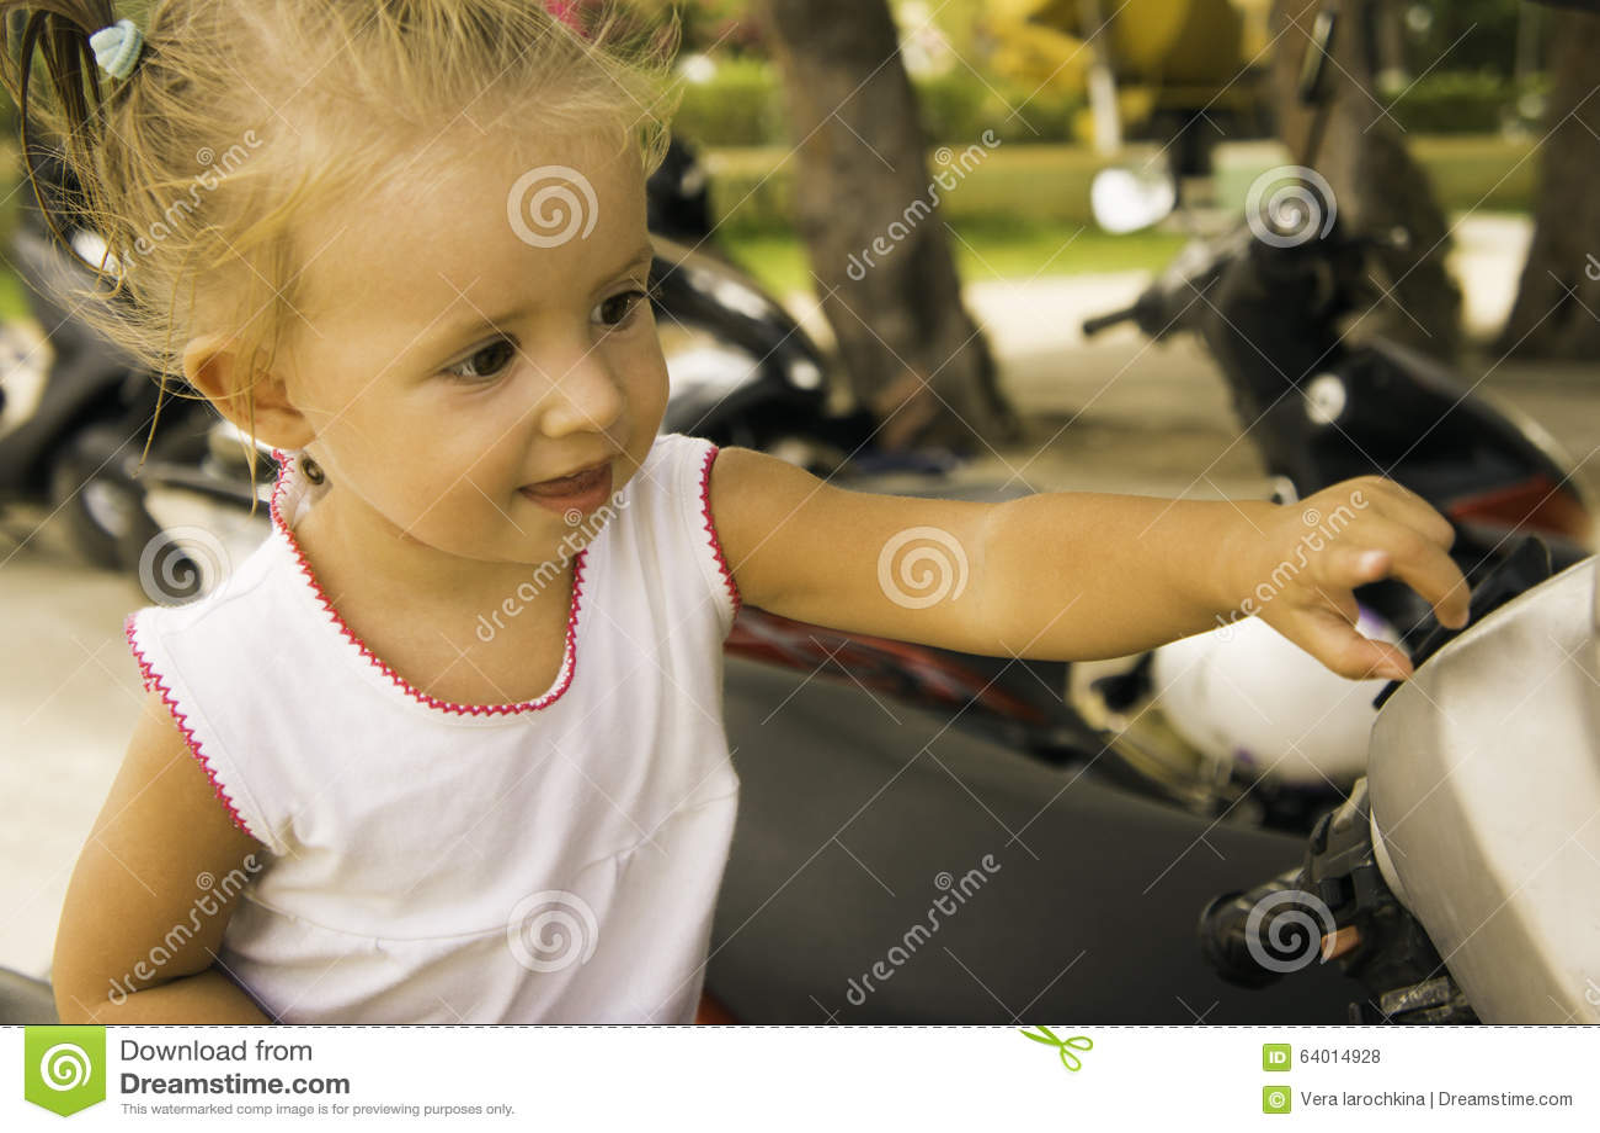 Niña hermosa que se sienta en la bici en el parque ella lo examina y estudia